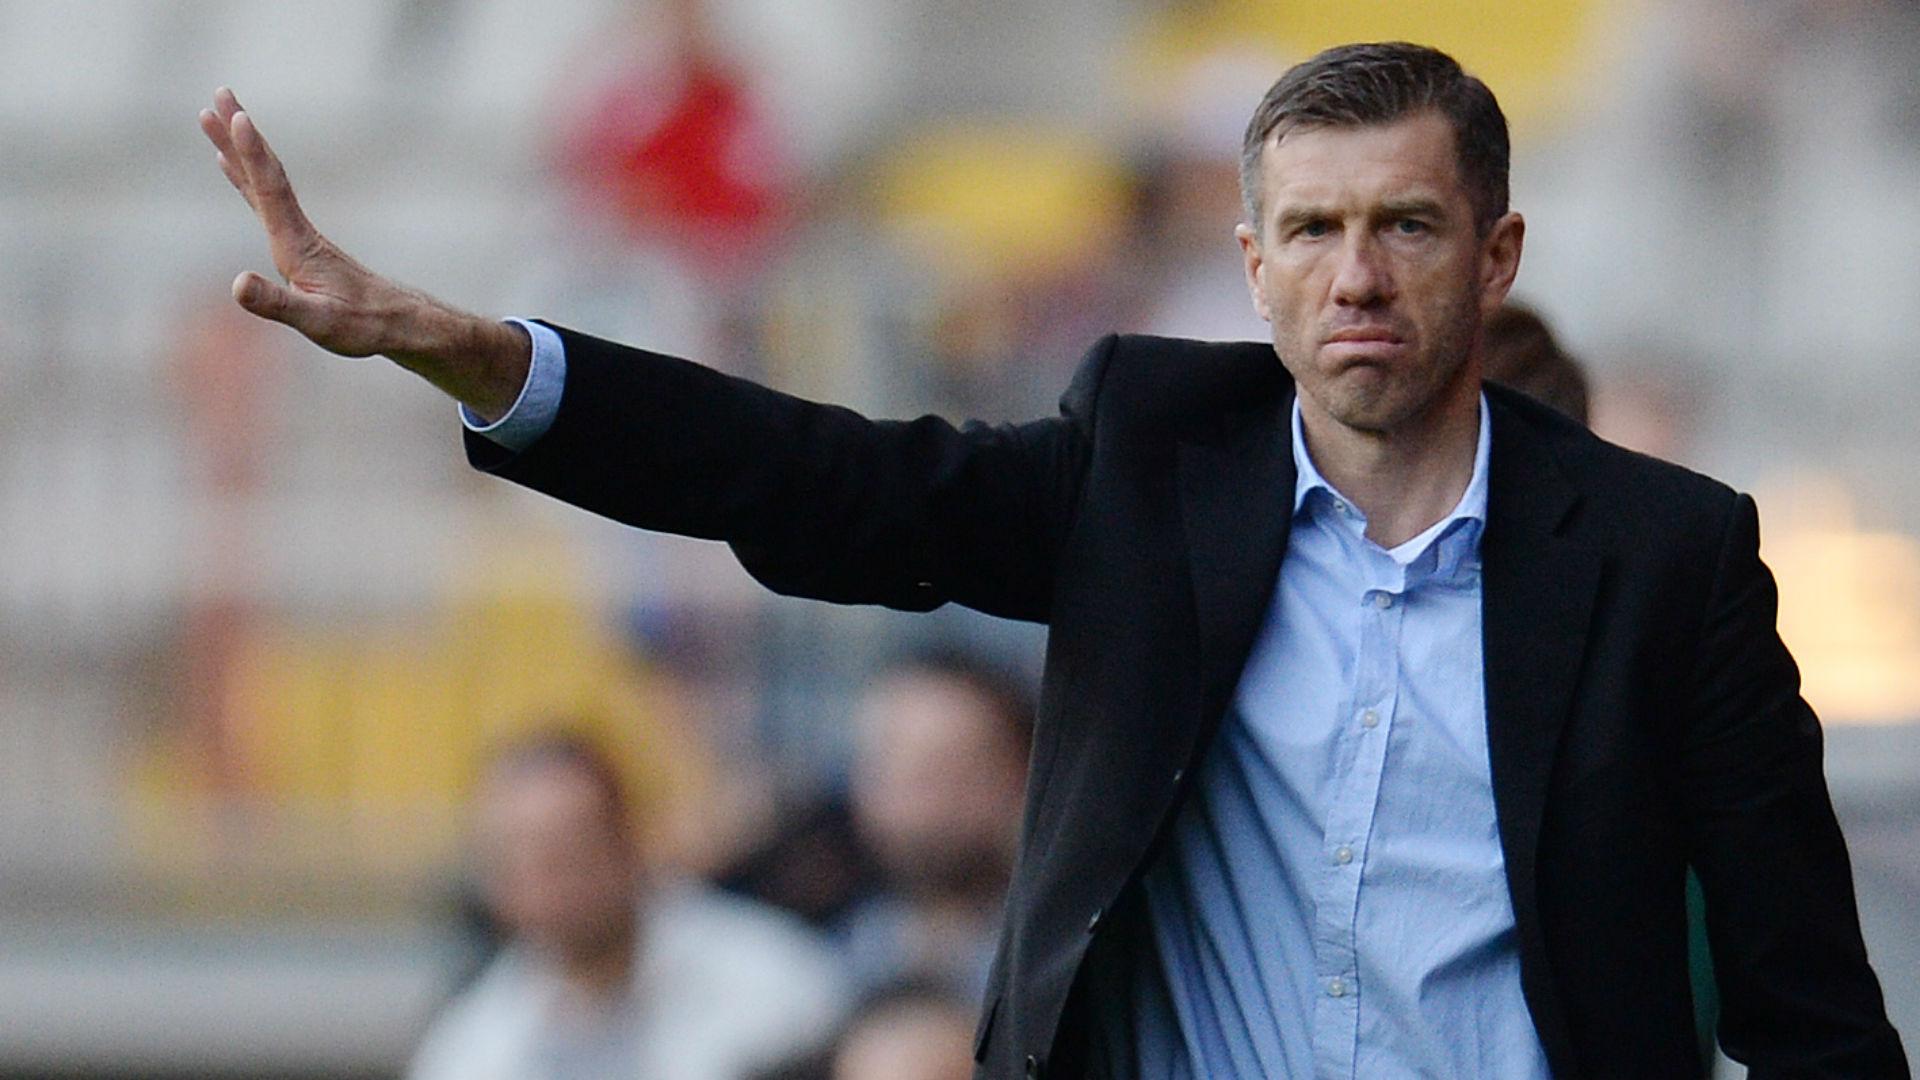 Сречко Катанец официально стал главным тренером сборной Узбекистана по футболу